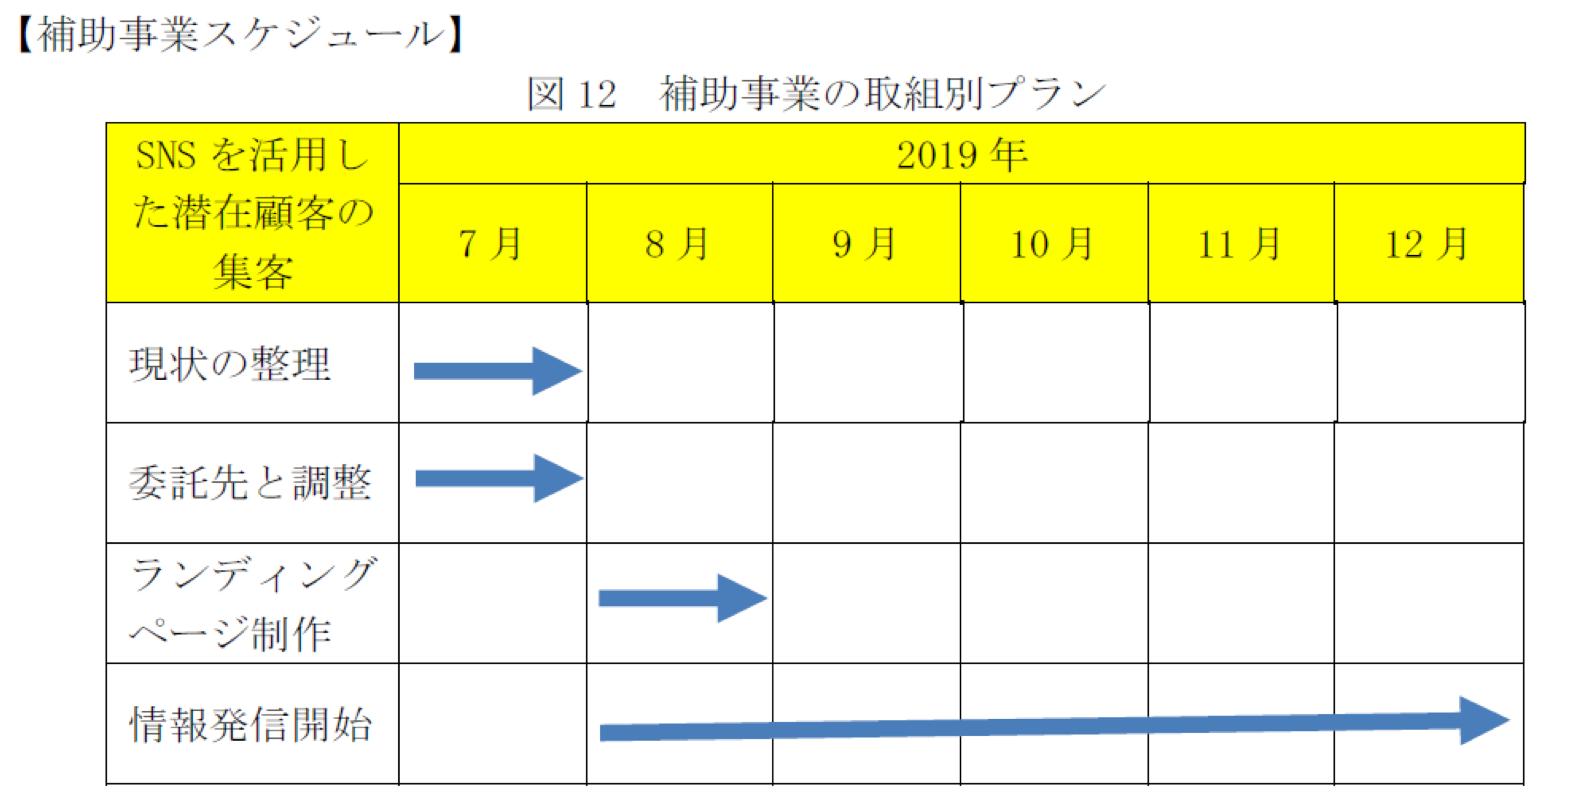 小規模事業者持続化補助金月単位の詳細スケジュール